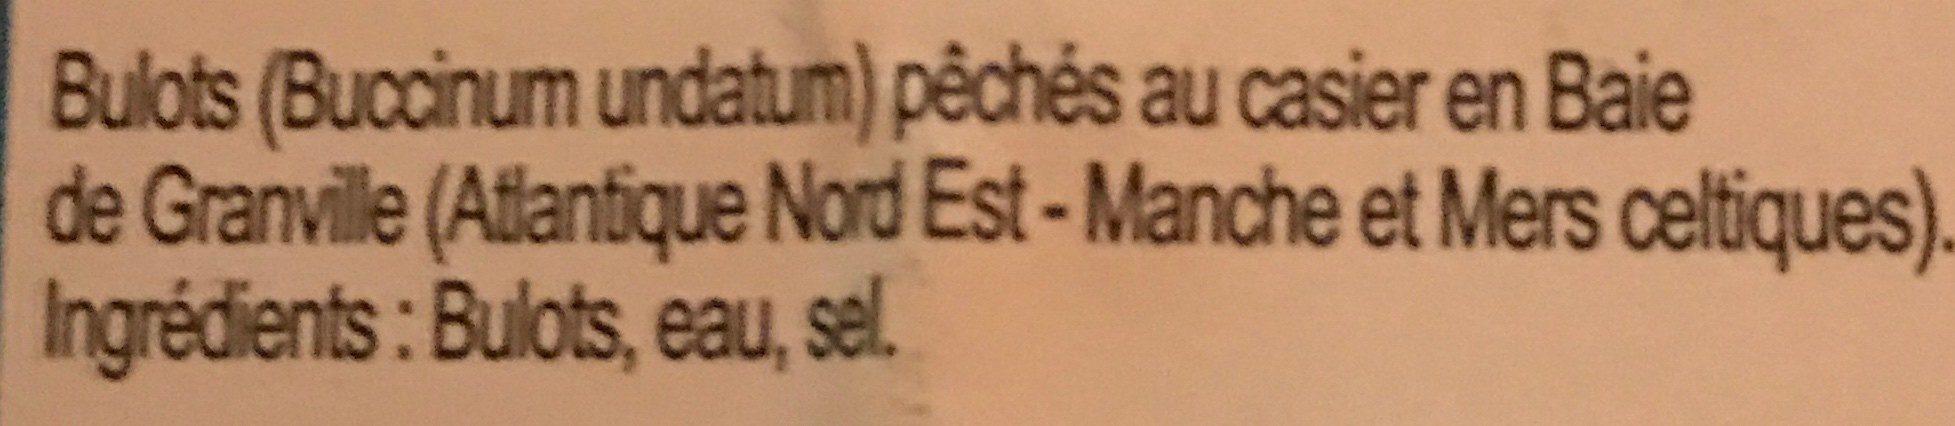 Bulots de la baie de Granville cuits - Ingrédients - fr